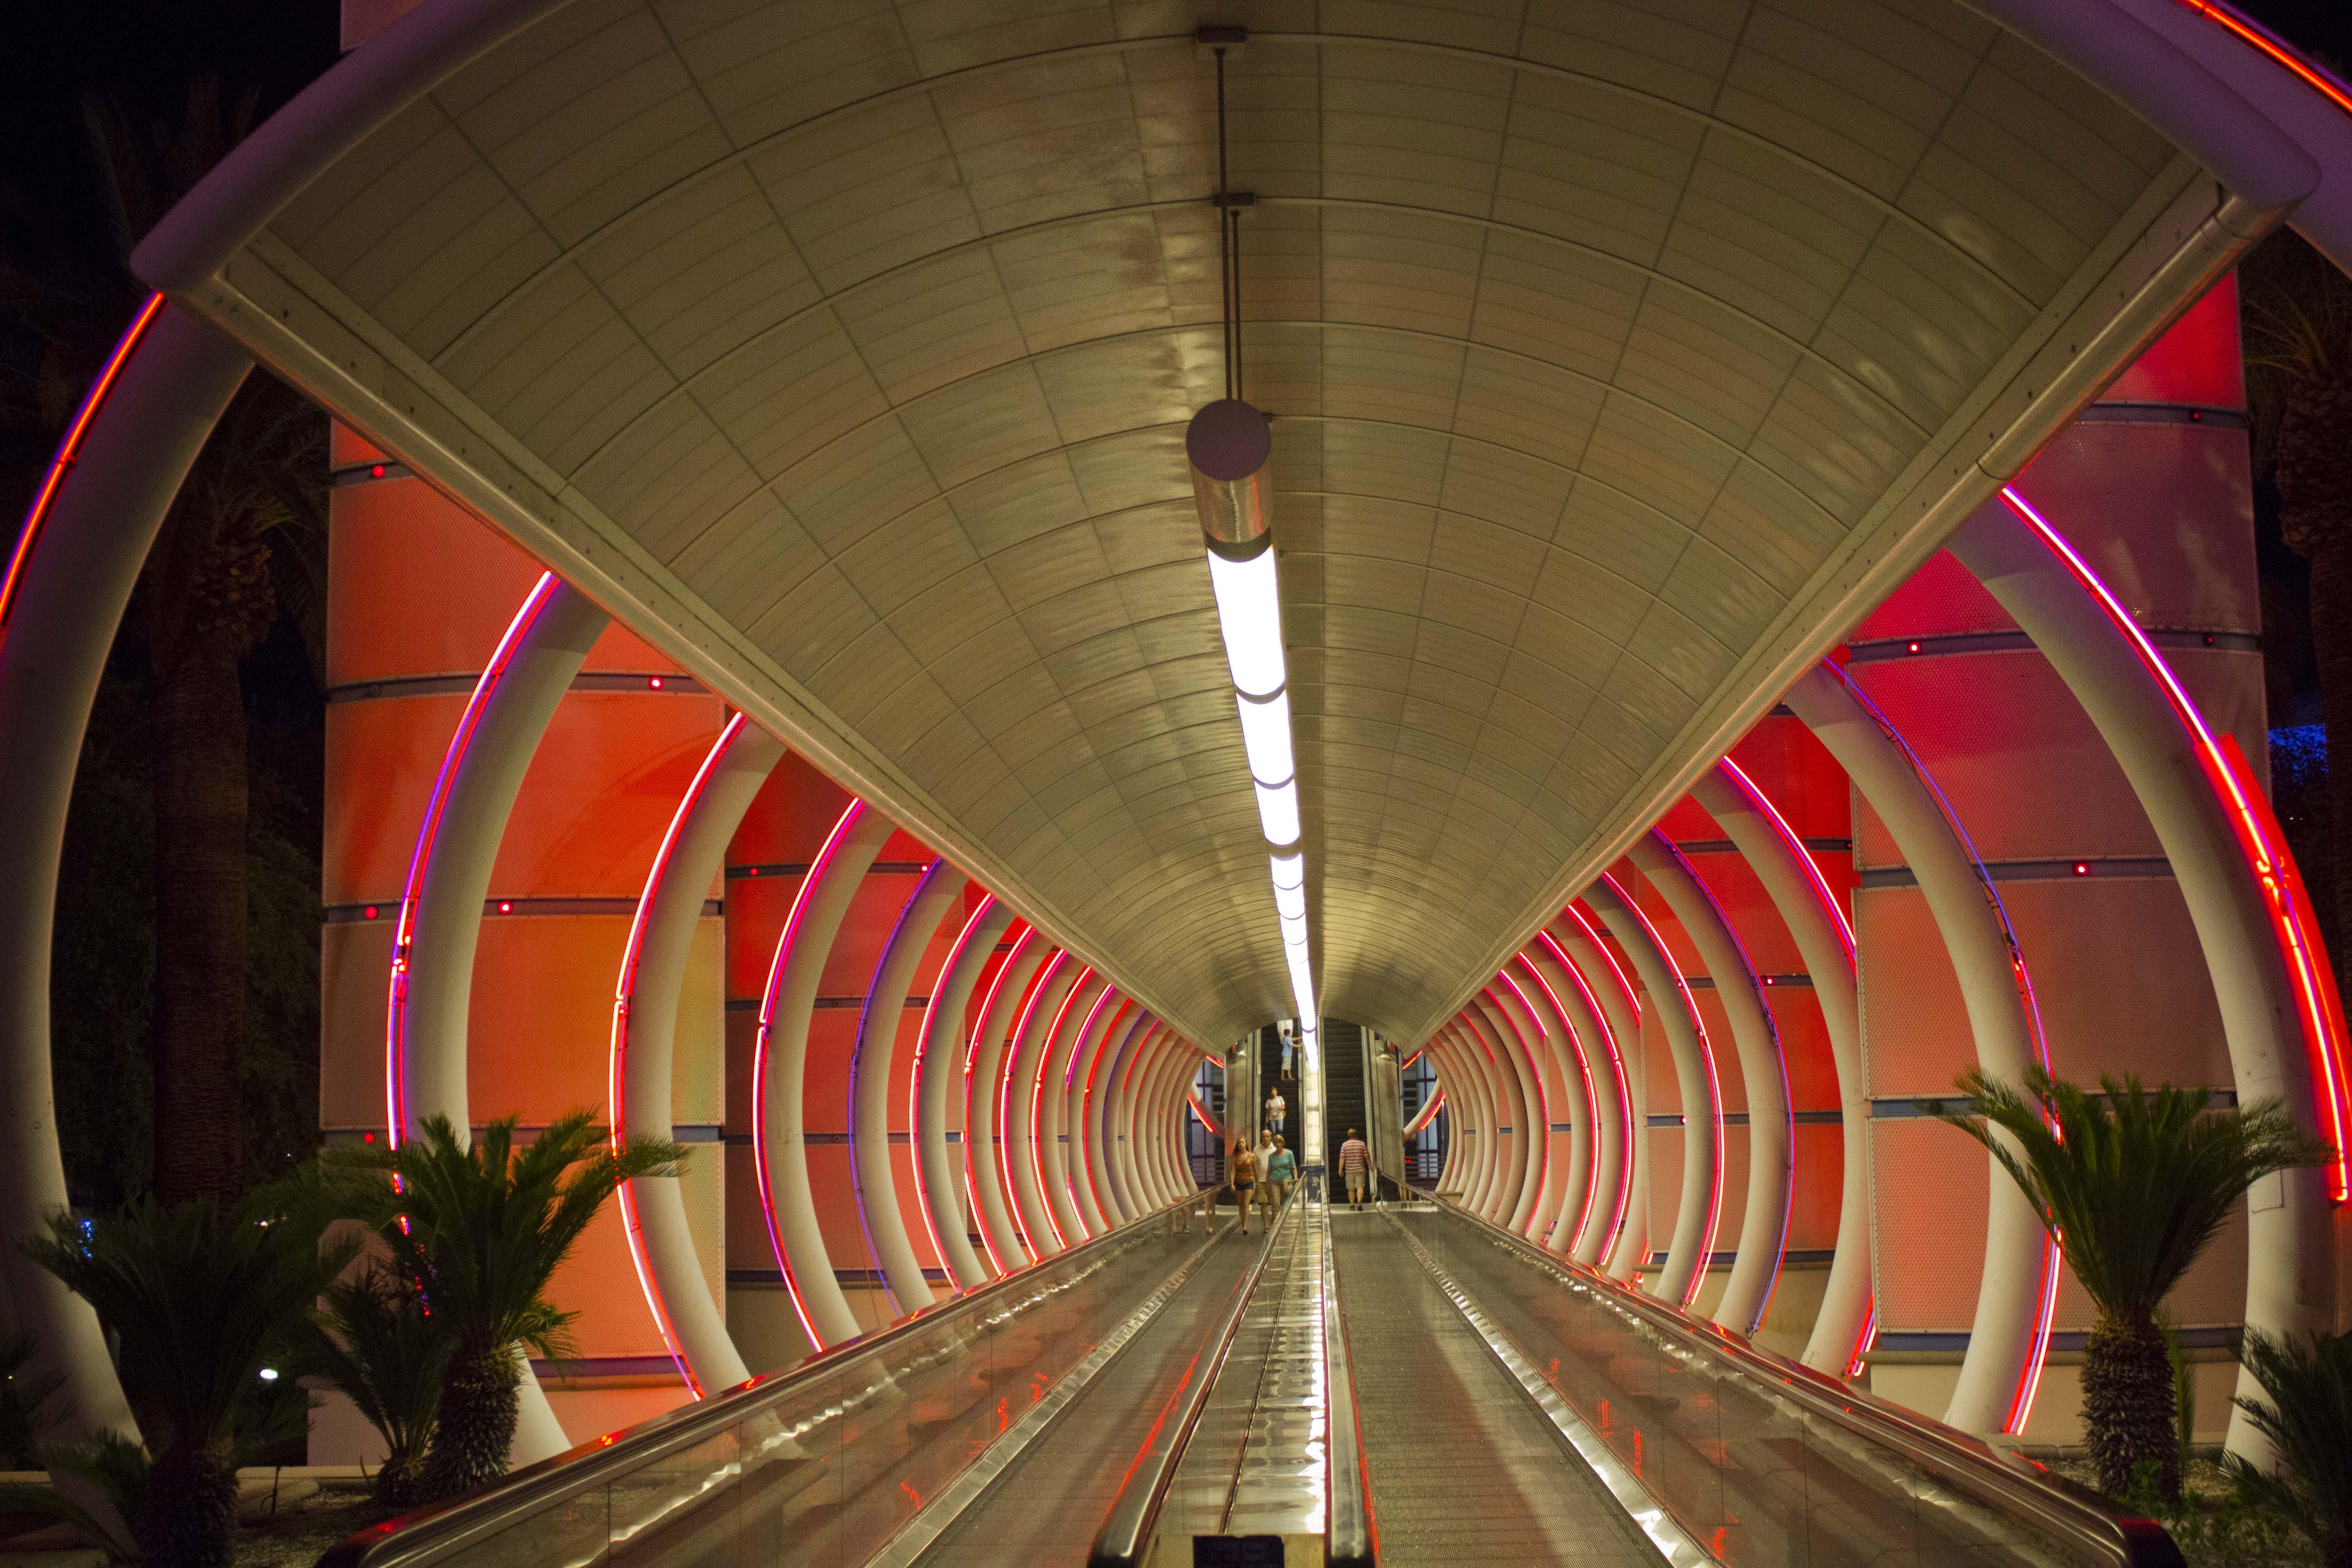 Hintergrundbilder : Beleuchtung, Stadt, Nacht-, die Architektur ...